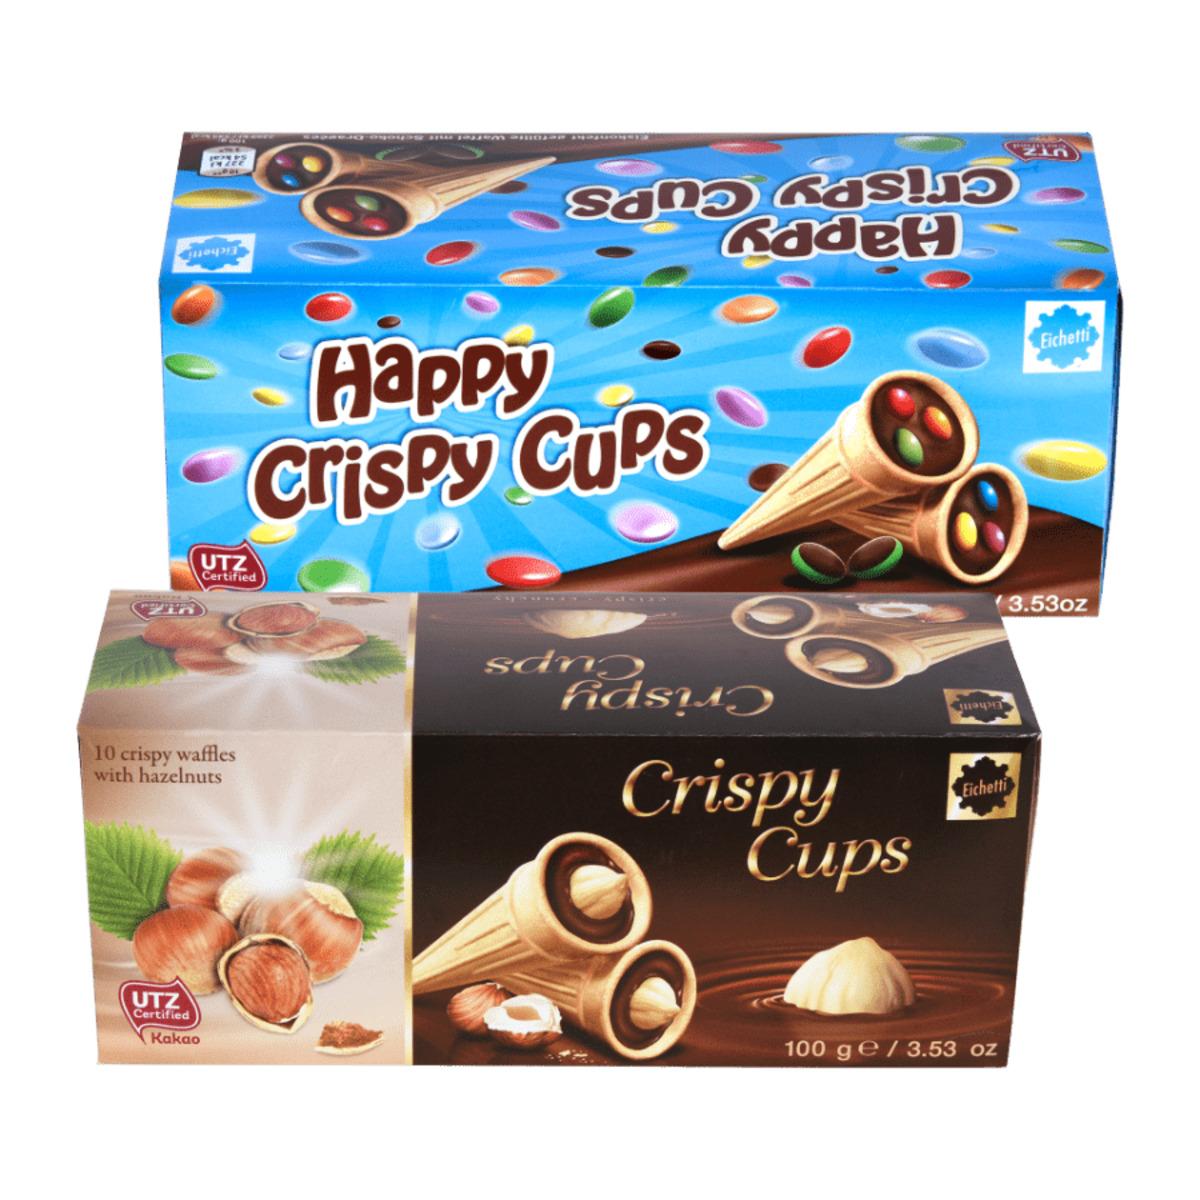 Bild 1 von Crispy Cups